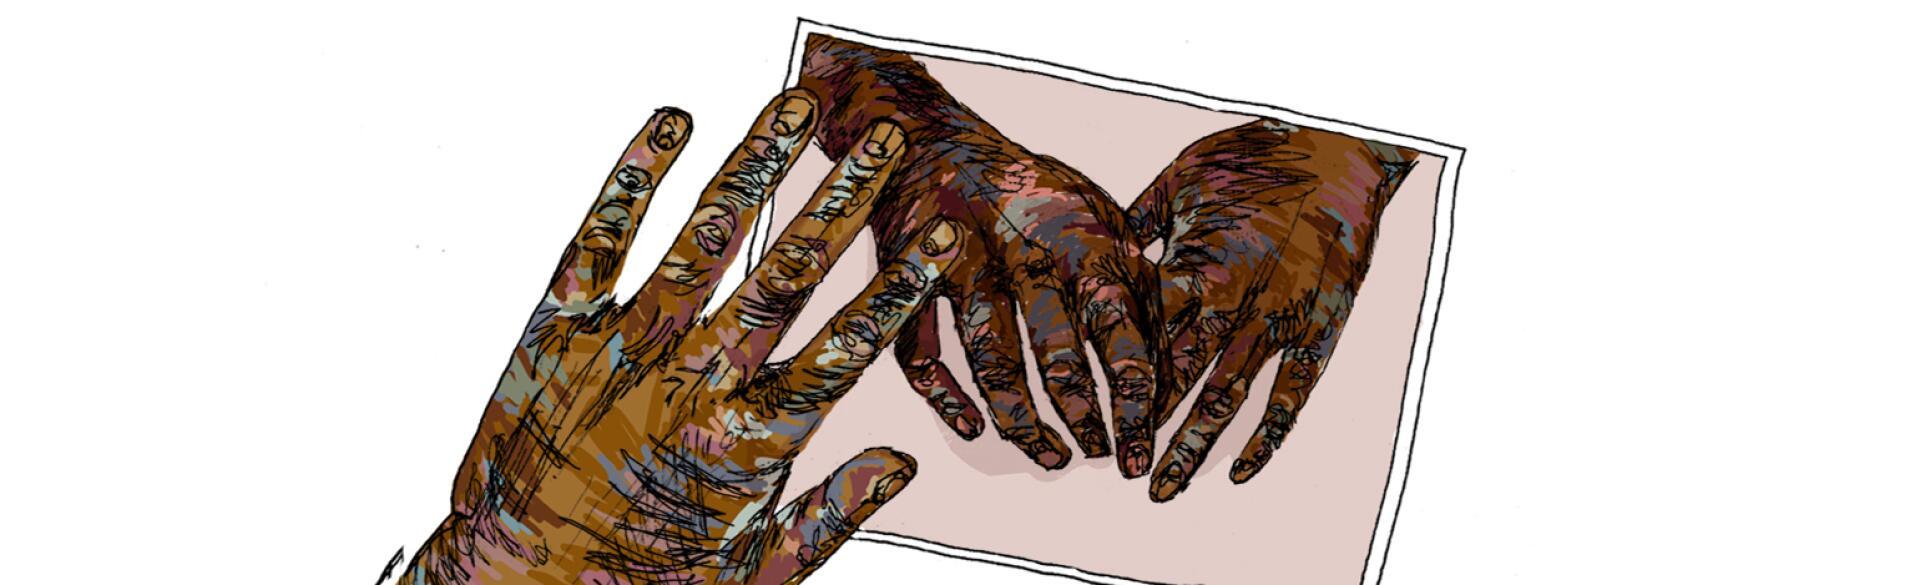 Hands, grandma, aarp, sisters, illustration